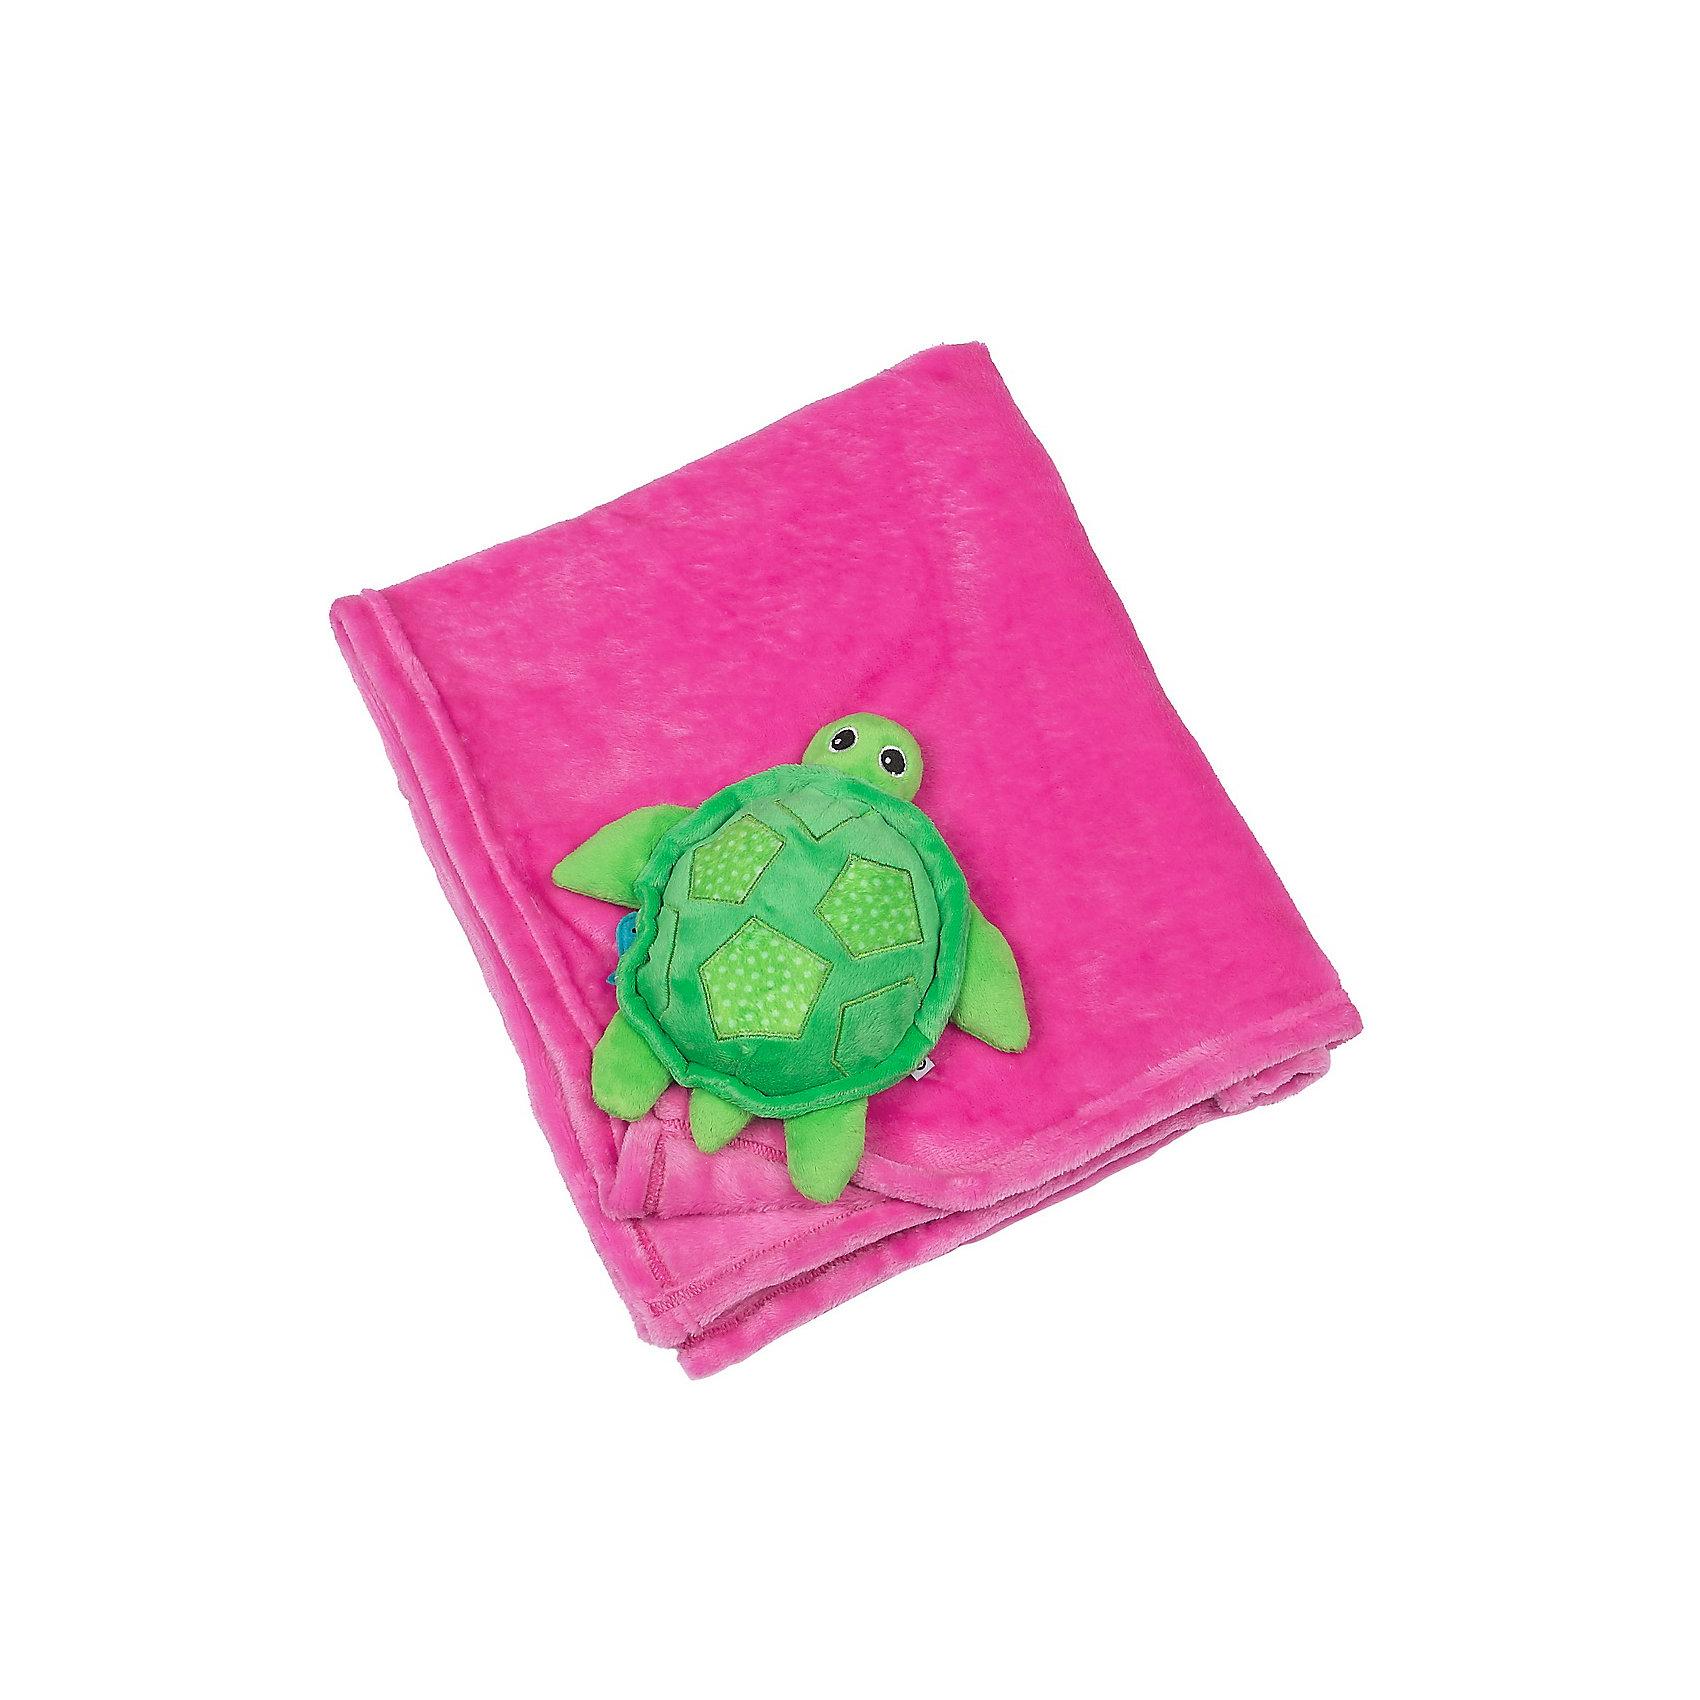 Zoocchini Одеяло с игрушкой Черепашка, Zoocchini, розовый